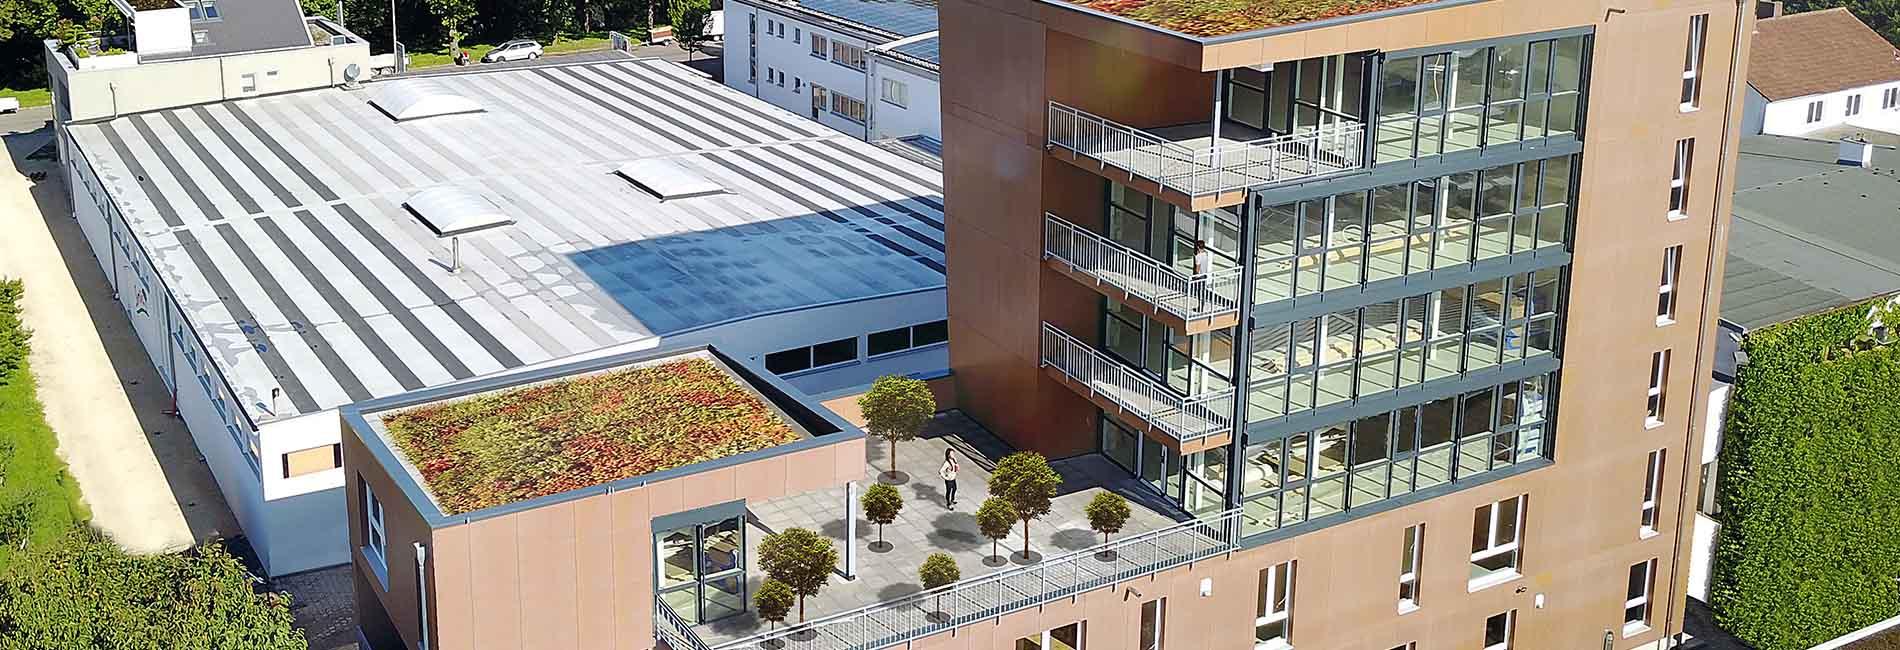 Zimmermann Michael Tietz baute Sechsgeschosser in Holzbauweise in Tübingen - SÜLZLE Stahlpartner lieferte rund 40t Stahlträger